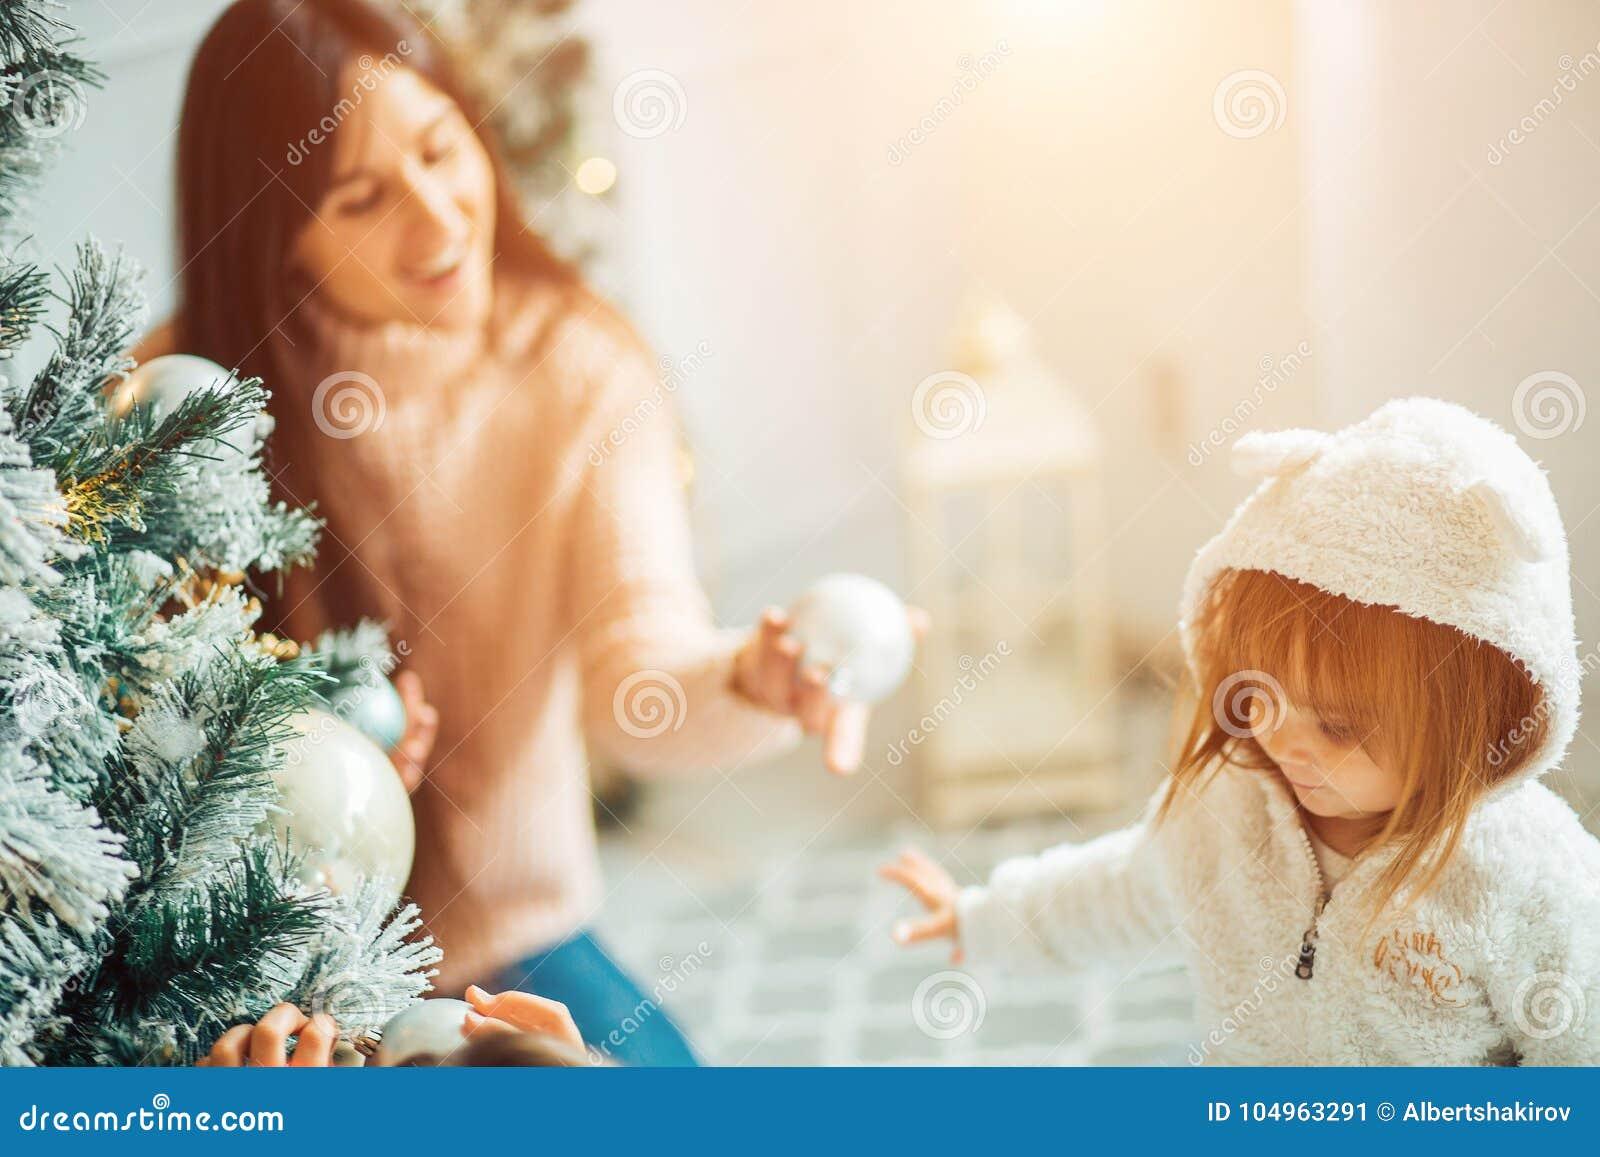 Мама и дочь украшают рождественскую елку внутри помещения